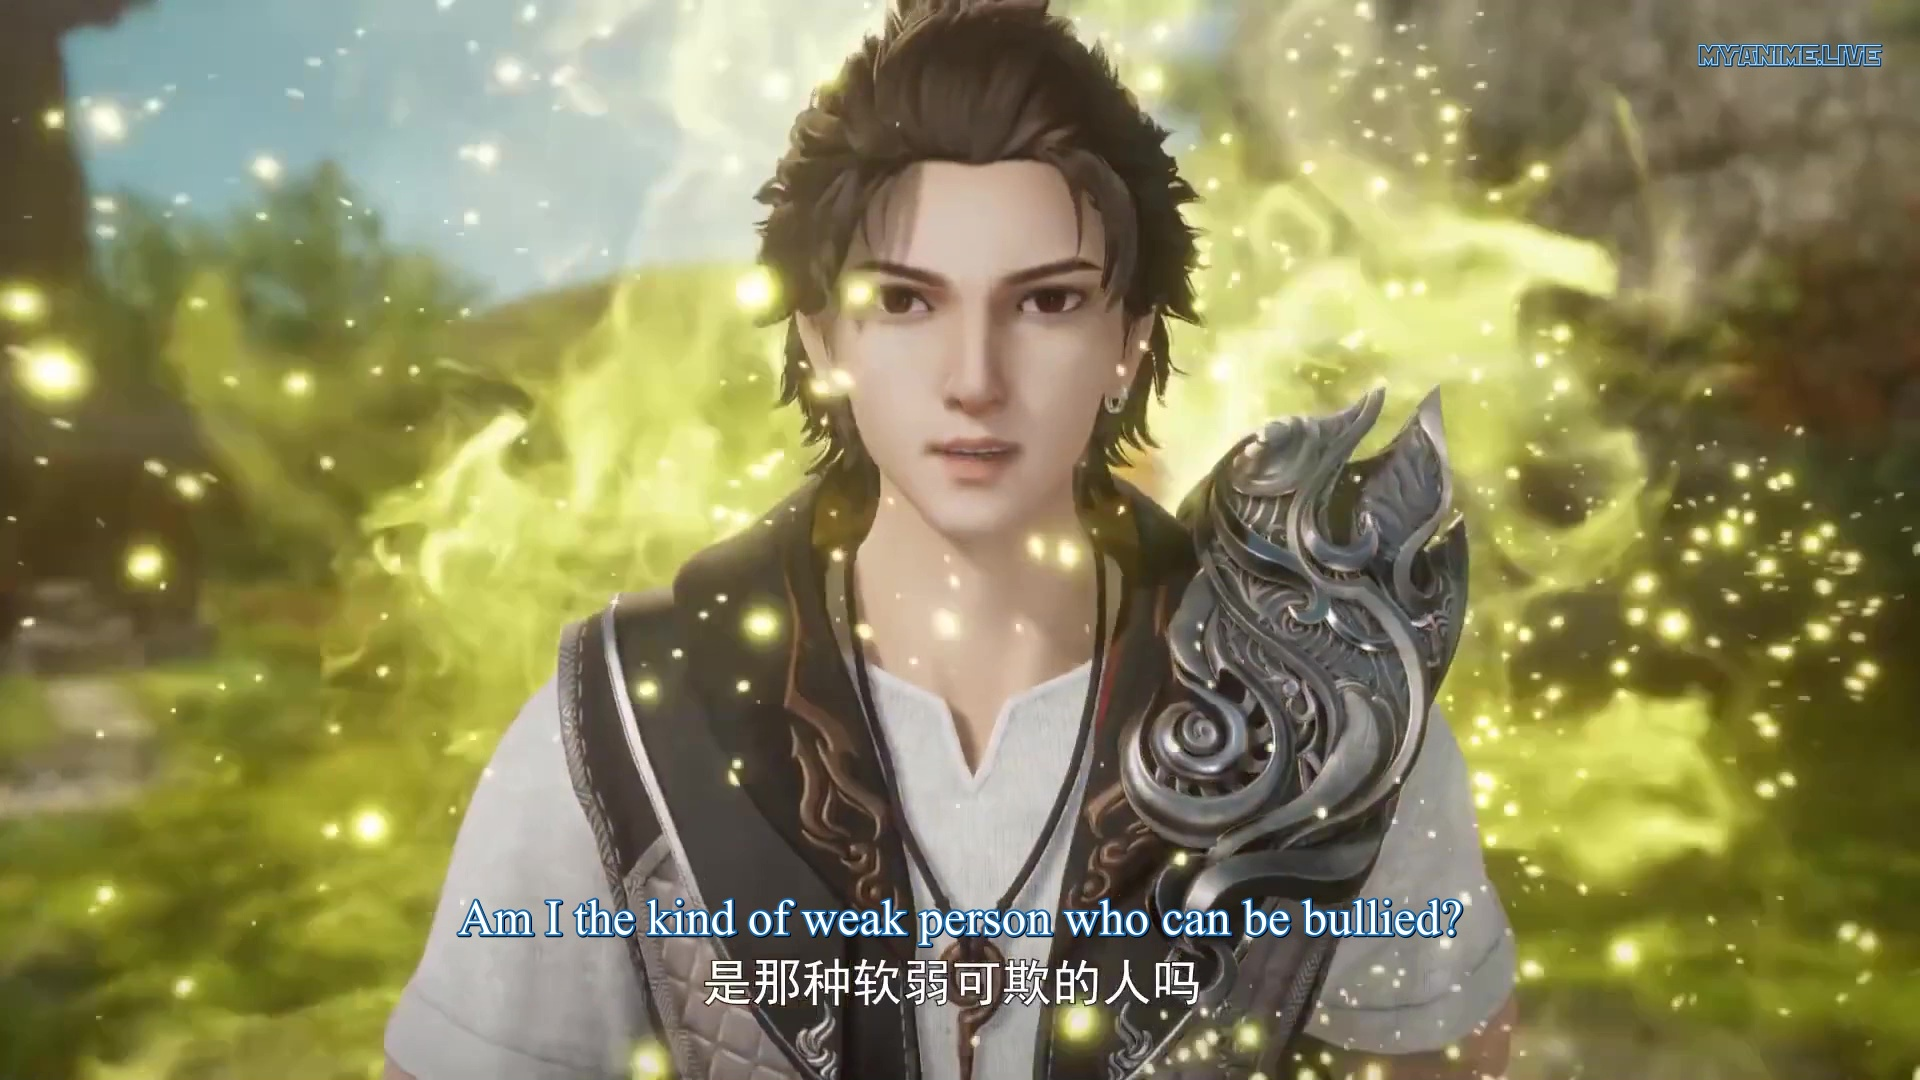 Wan Jie Shen Zhu - Lord of The Universe episode 152 english sub